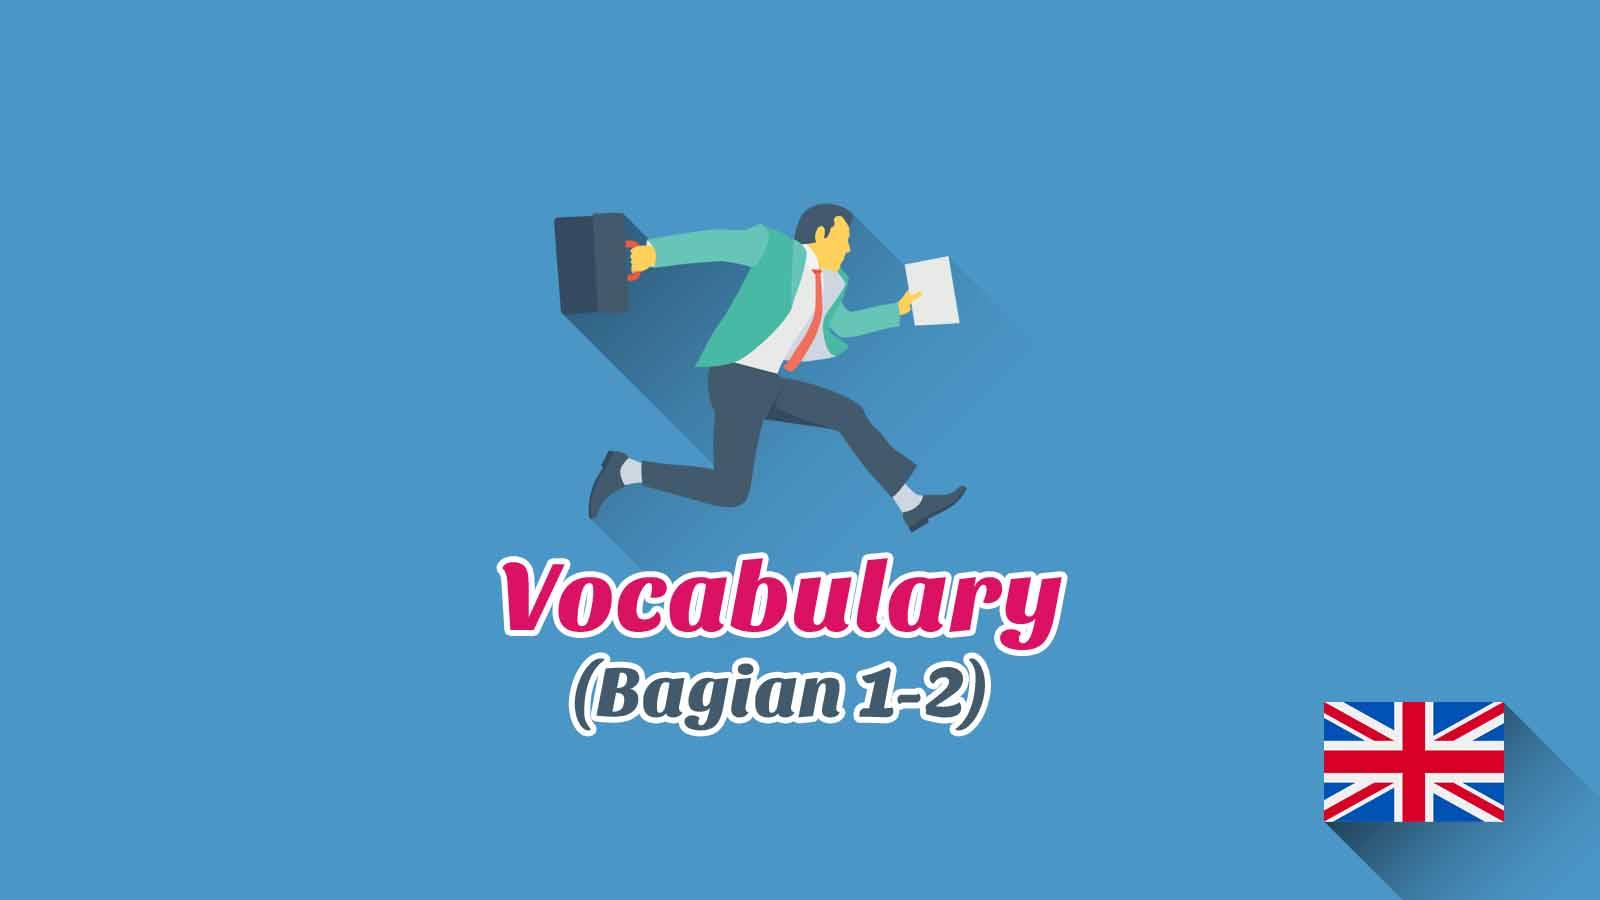 Kosakata Bahasa Inggris Aktivitas Harian Disertai Gambar, Audio Dan Pronunciation (Bagian 1-2)